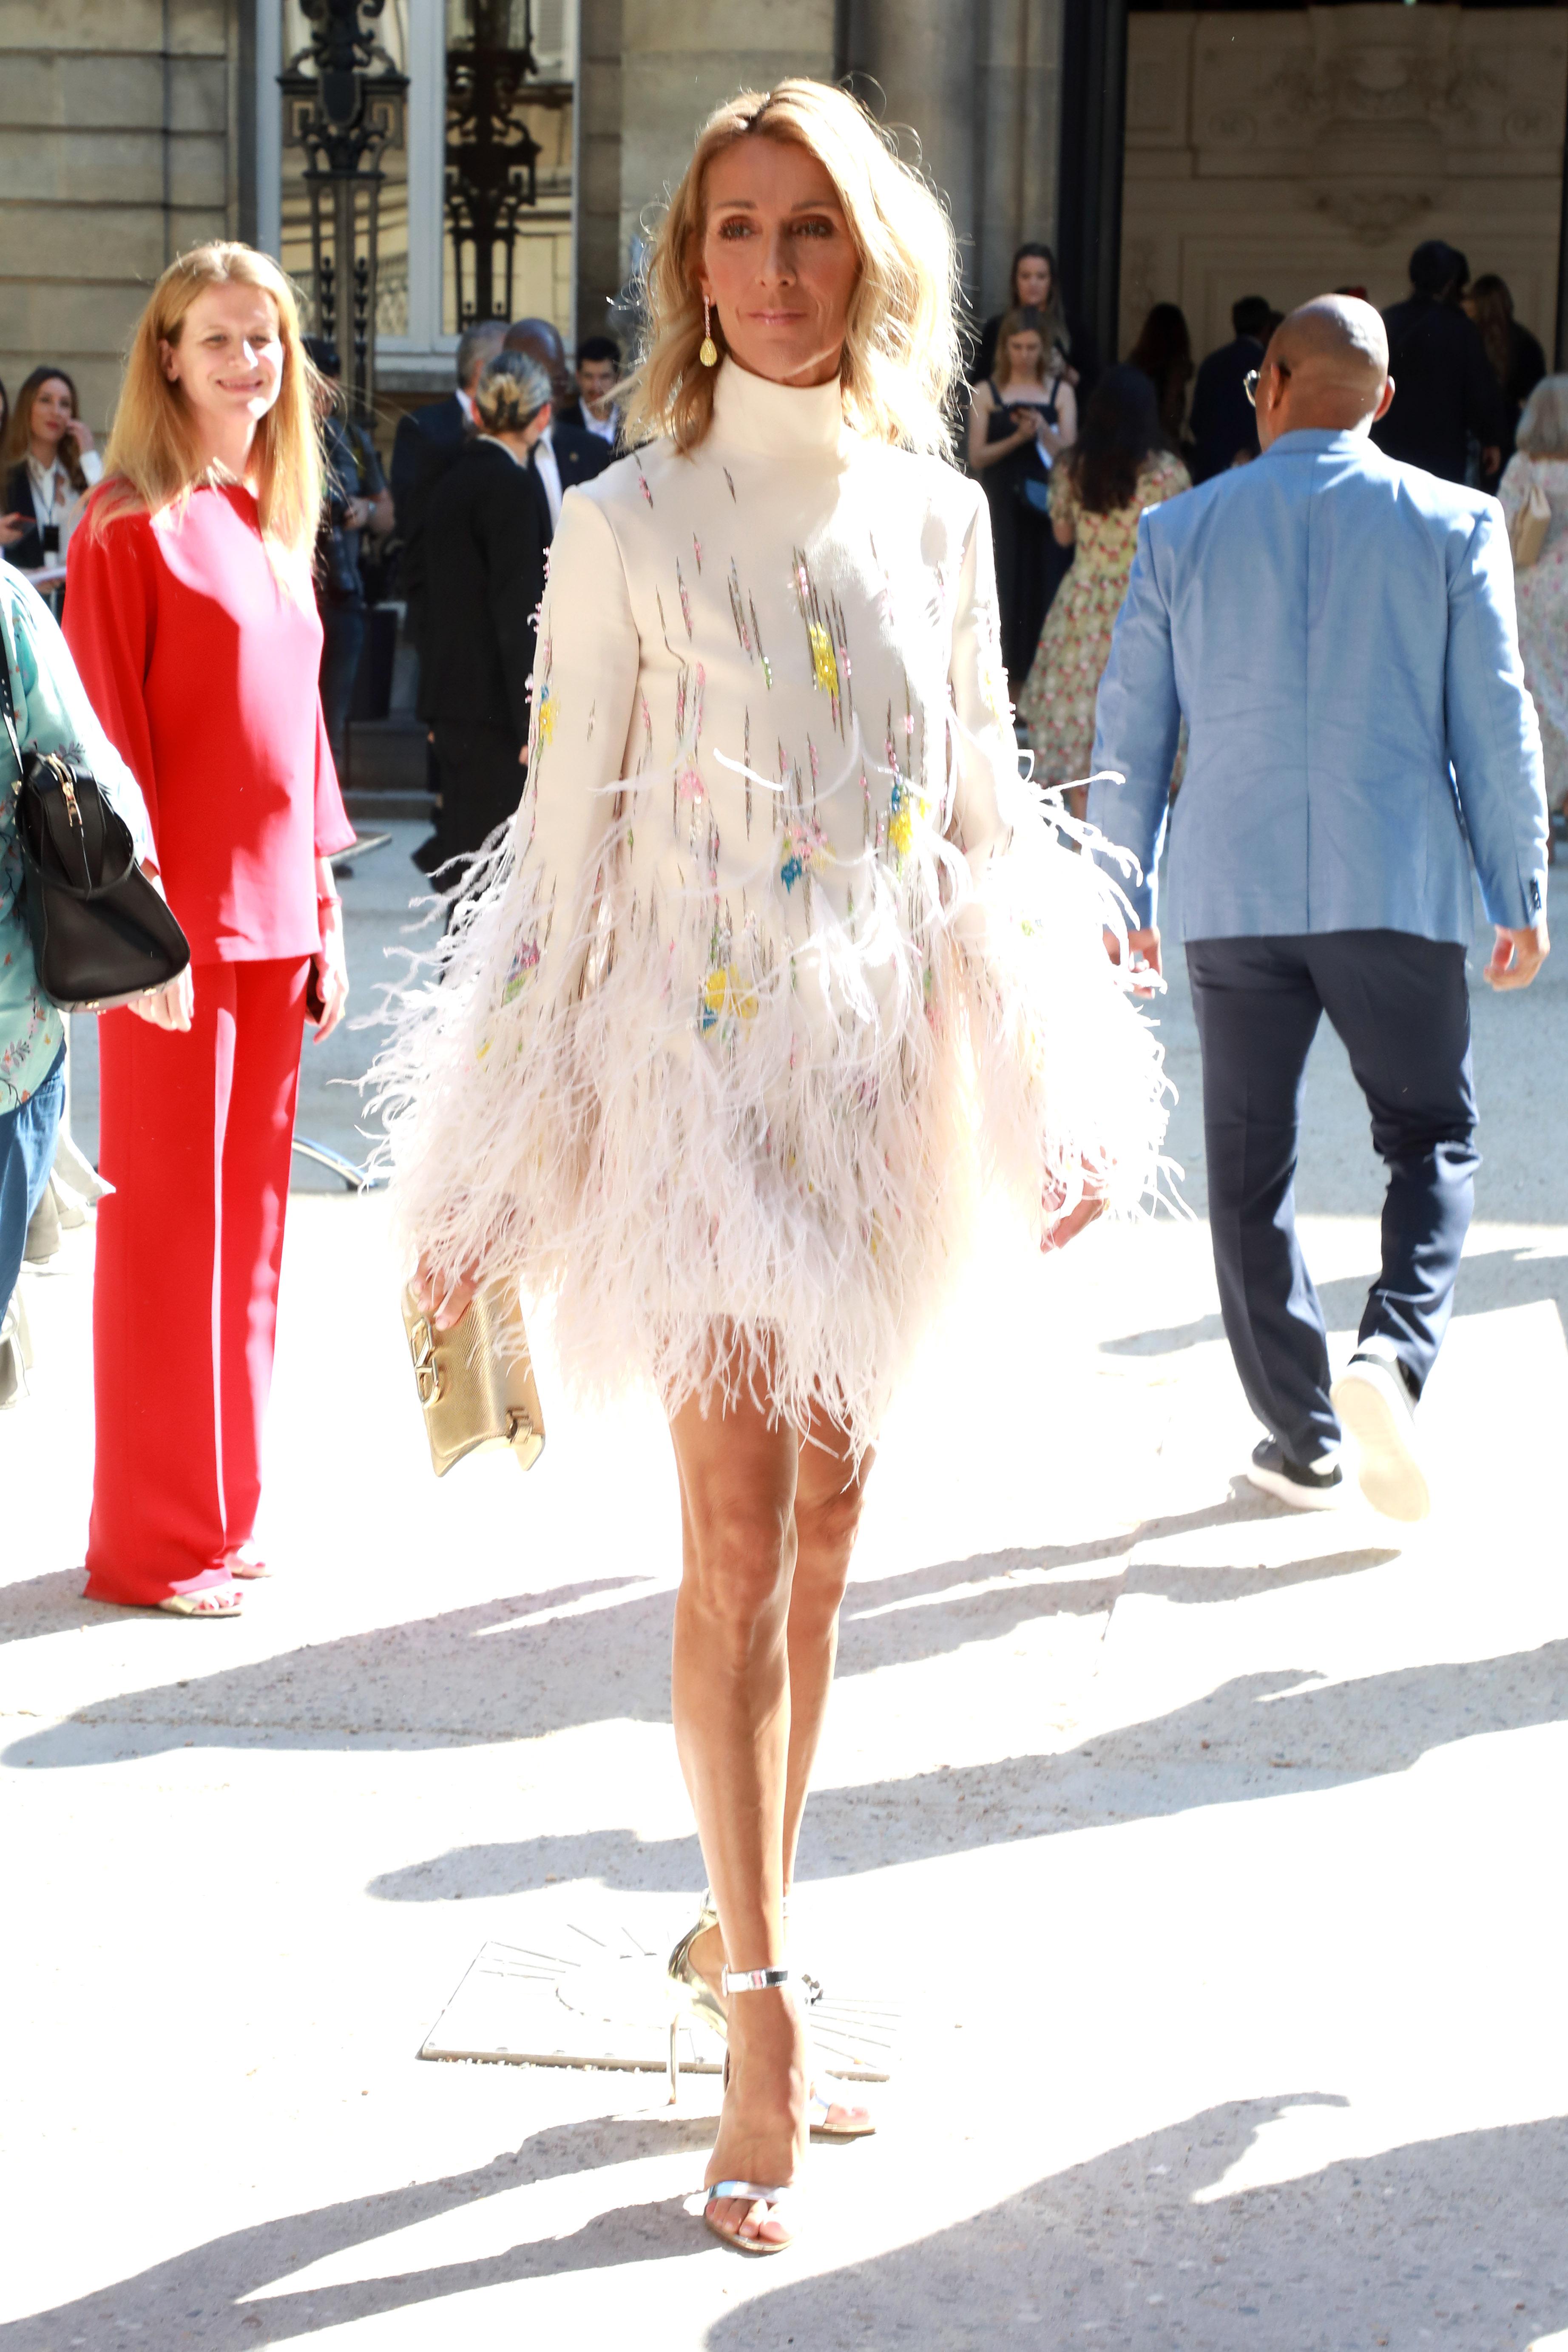 Valentino Селин завърши собствения си моден маратон с най-безопасното облекло (в сравнение с всички предишни визии). На шоуто на Пиерпаоло Пичоли за Valentino тя триумфира, като се появи в бяла мини-рокля в изчистен стил с декор от пера, дело на италианска марка.